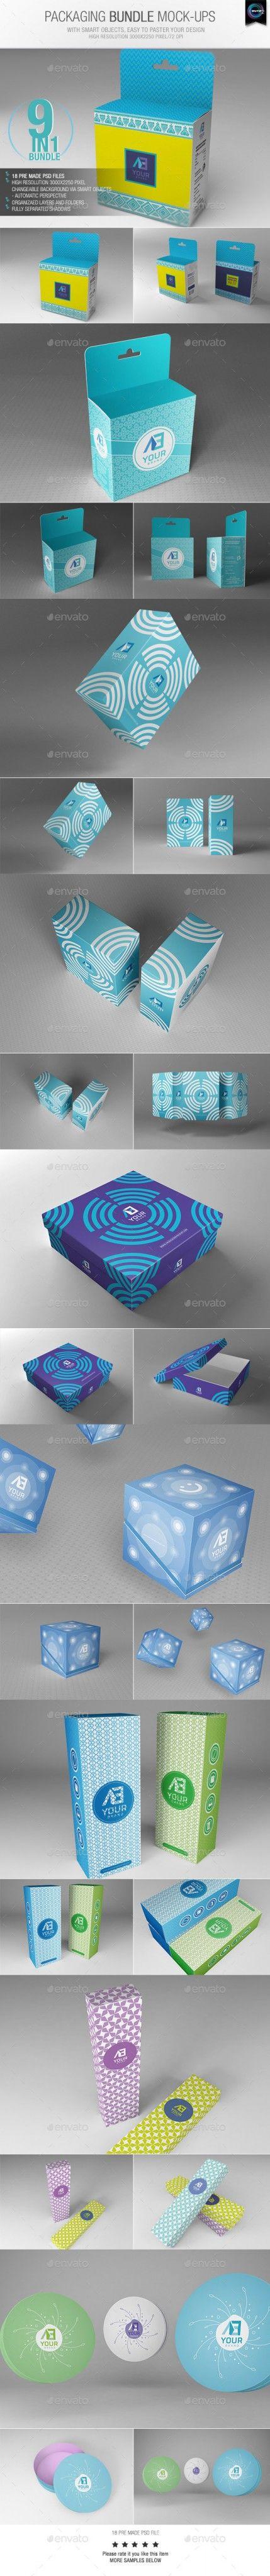 6 poster design photo mockups 57079 - Packaging Bundle Mock Ups Graphicriver